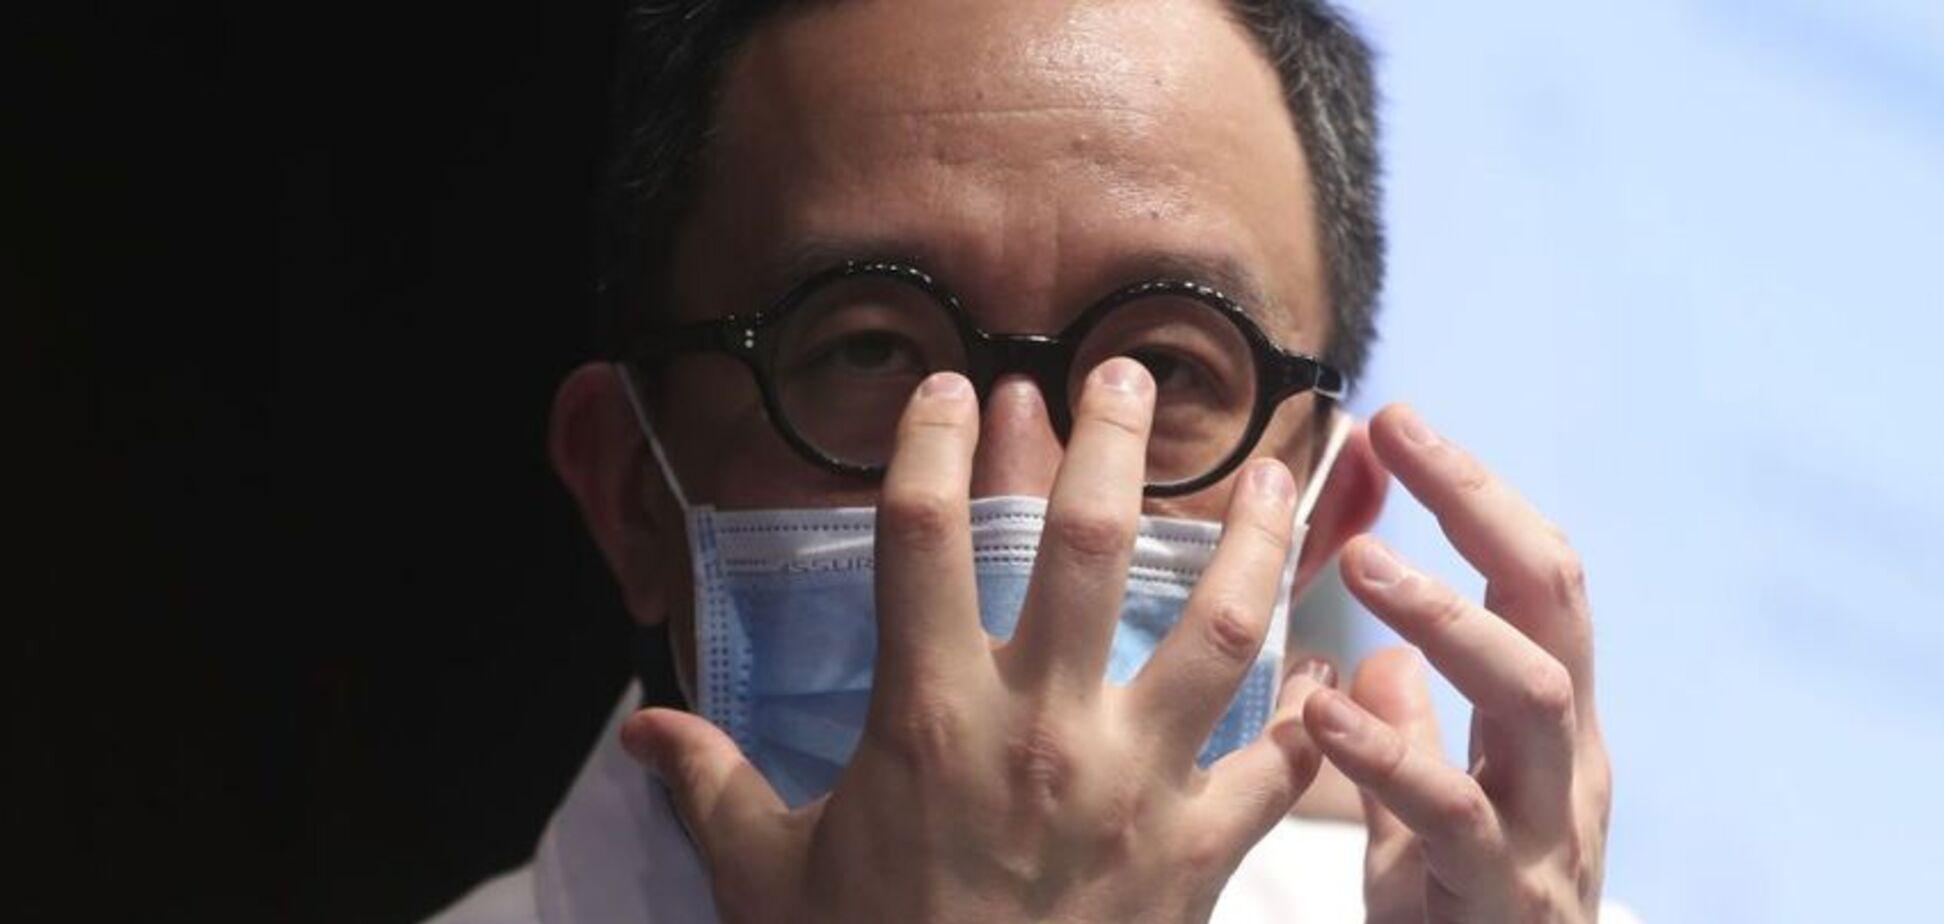 Нам загрожує пандемія коронавірусу: експерт зробив заяву